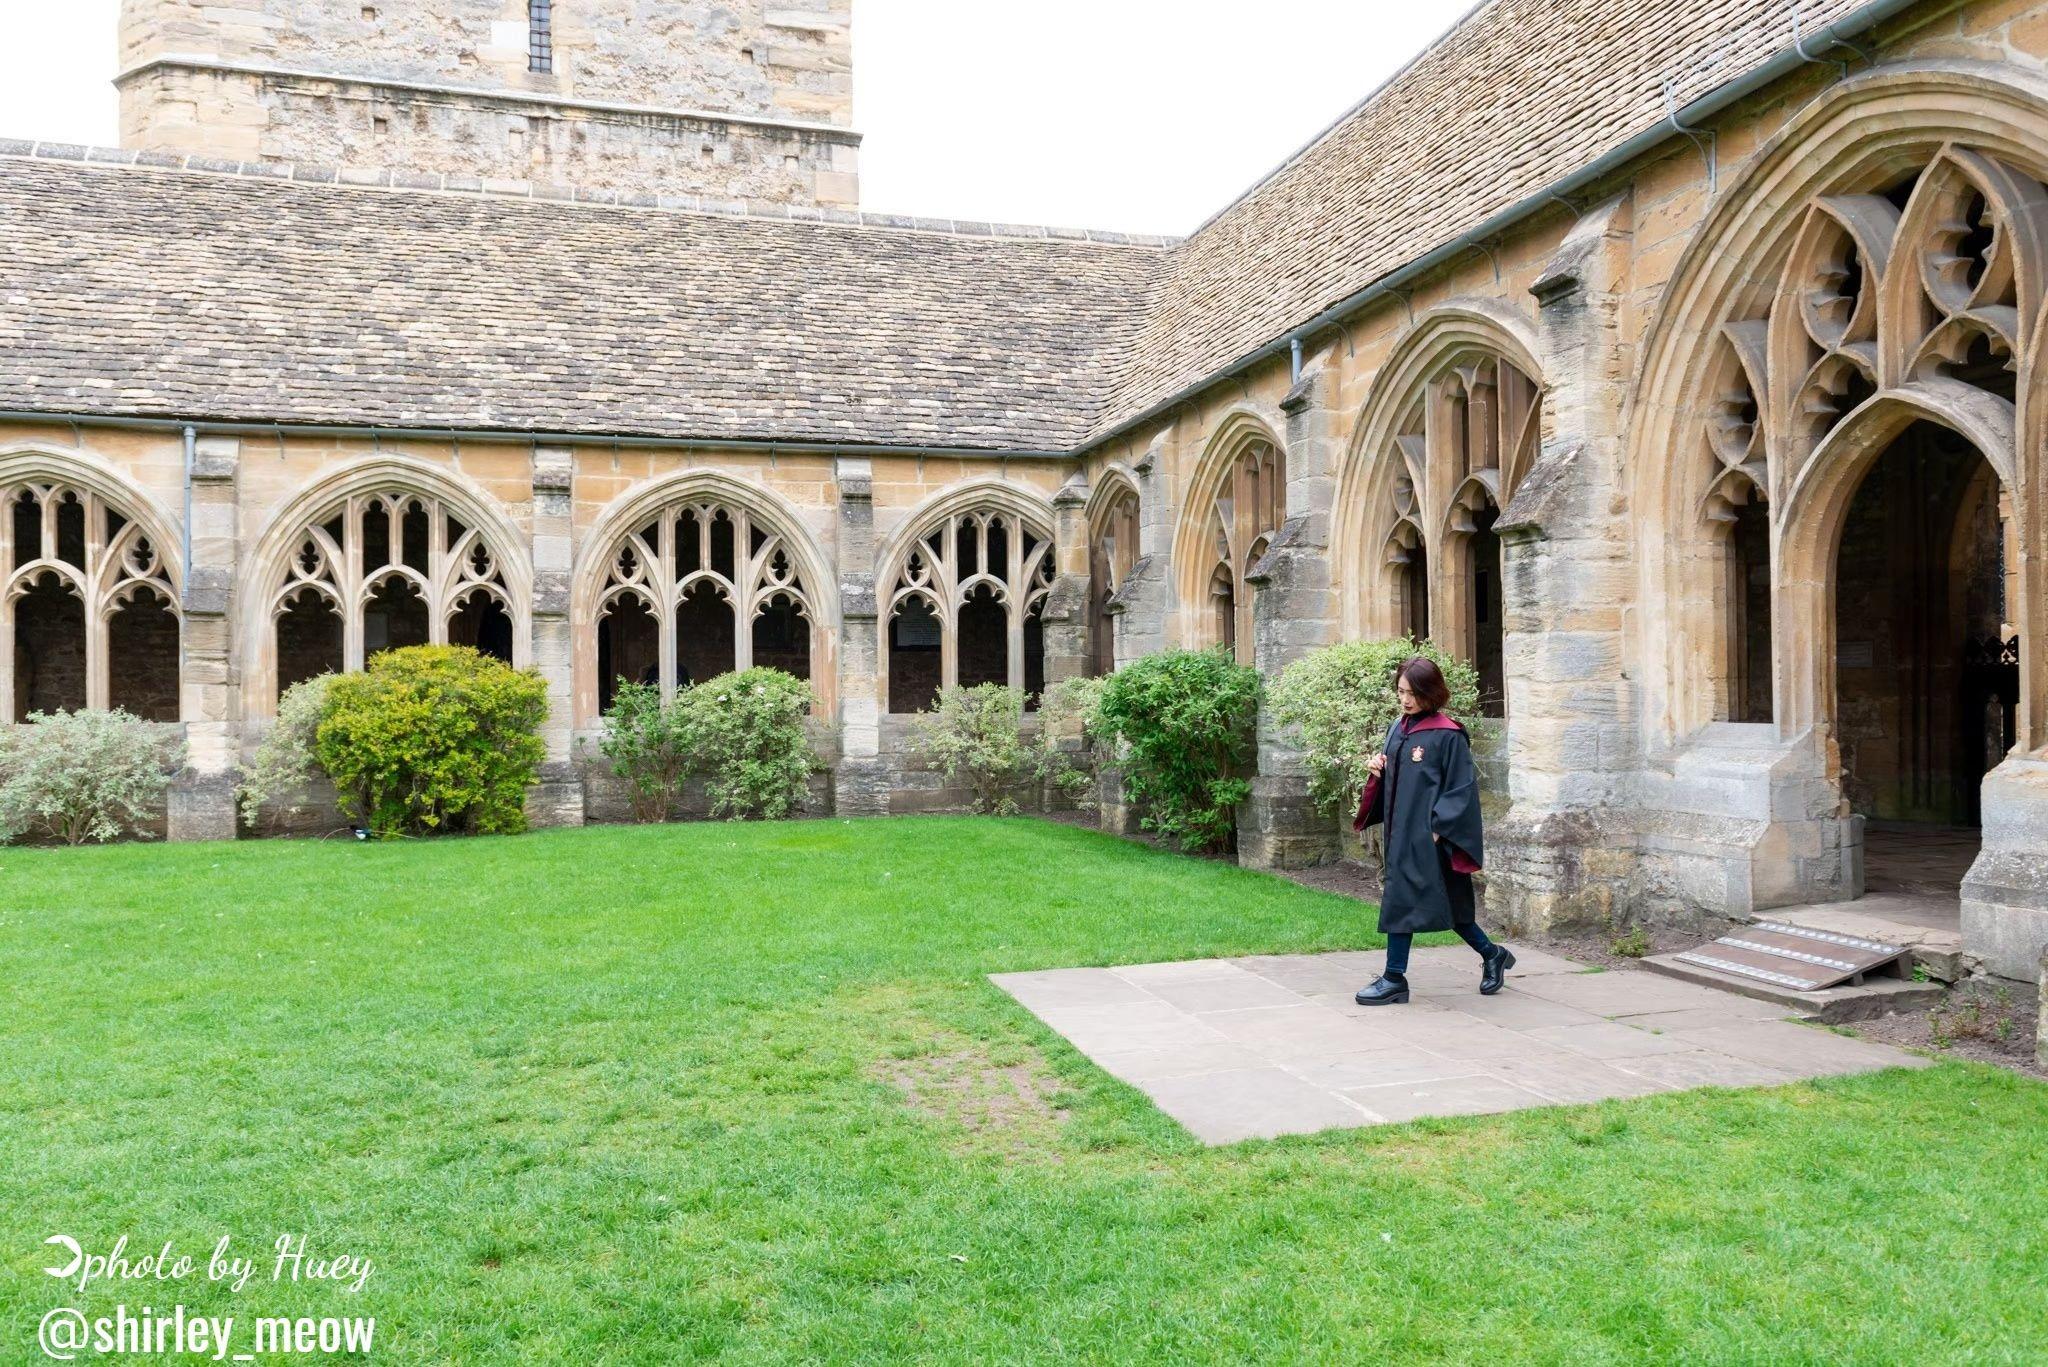 UK_190711_0106.jpg